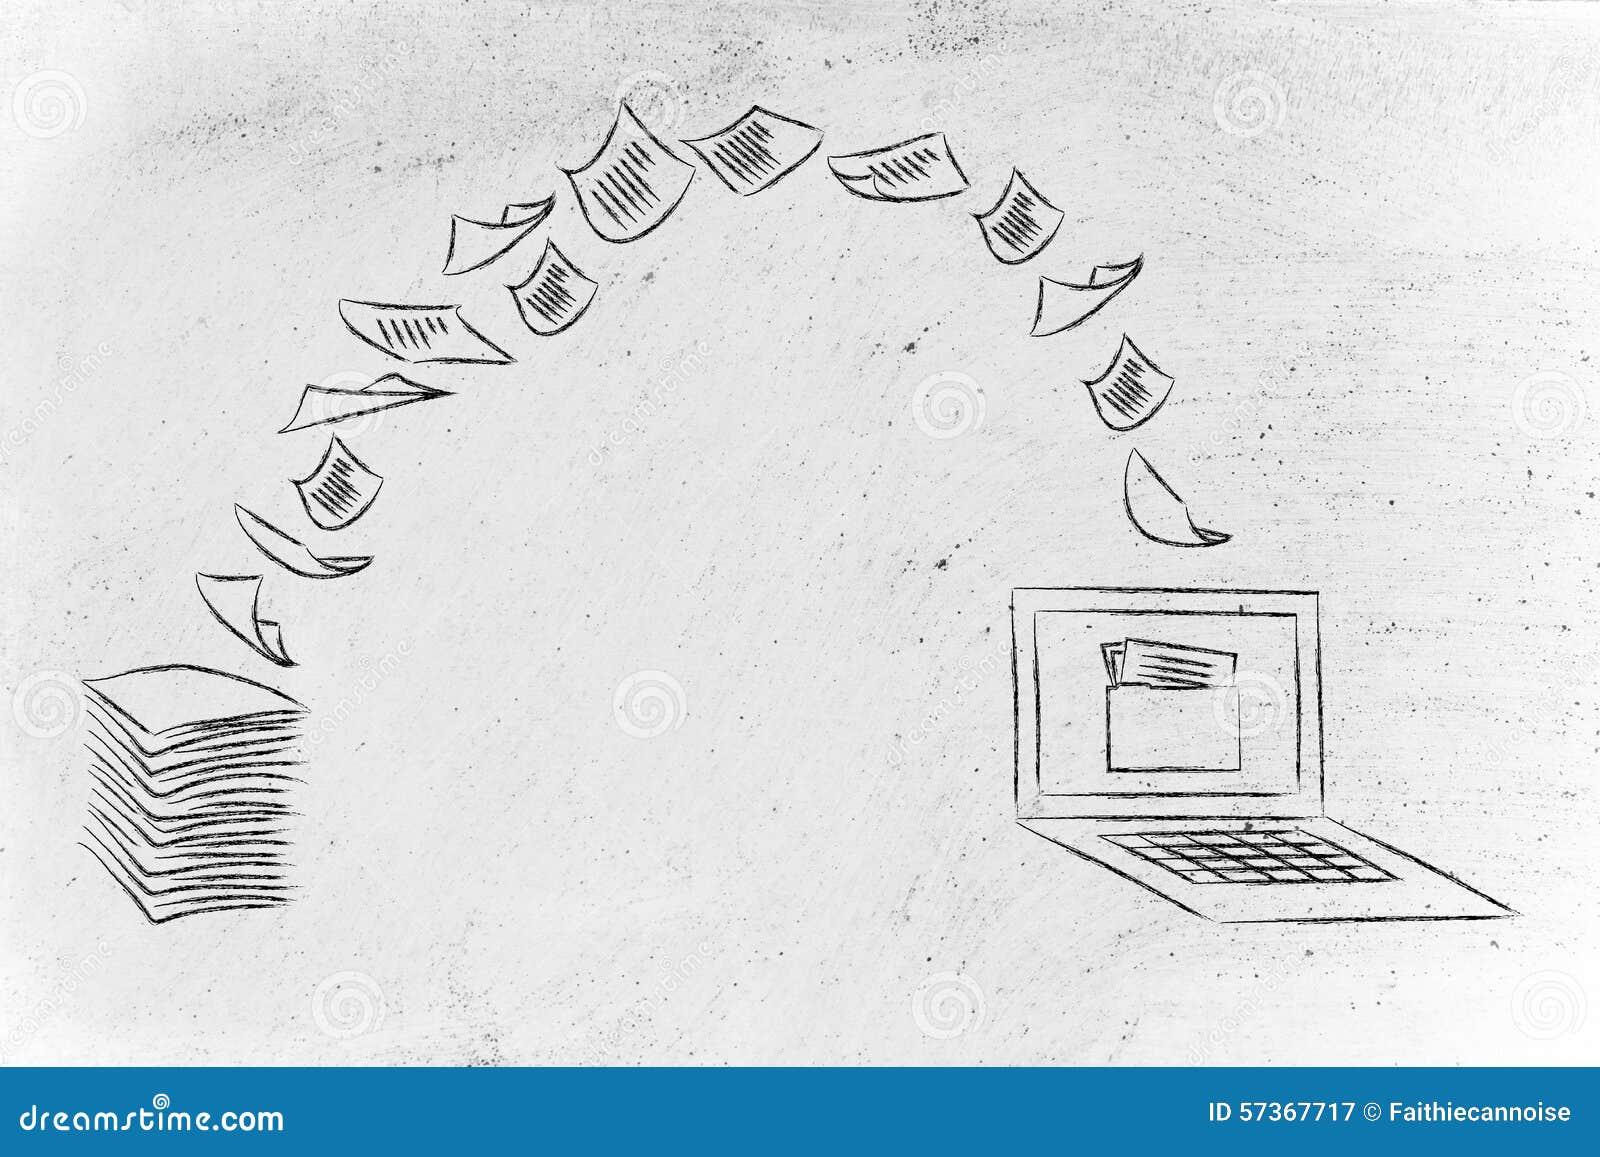 Χωρίς χαρτί γραφείο: έγγραφα ανίχνευσης και έγγραφο στροφής στα στοιχεία